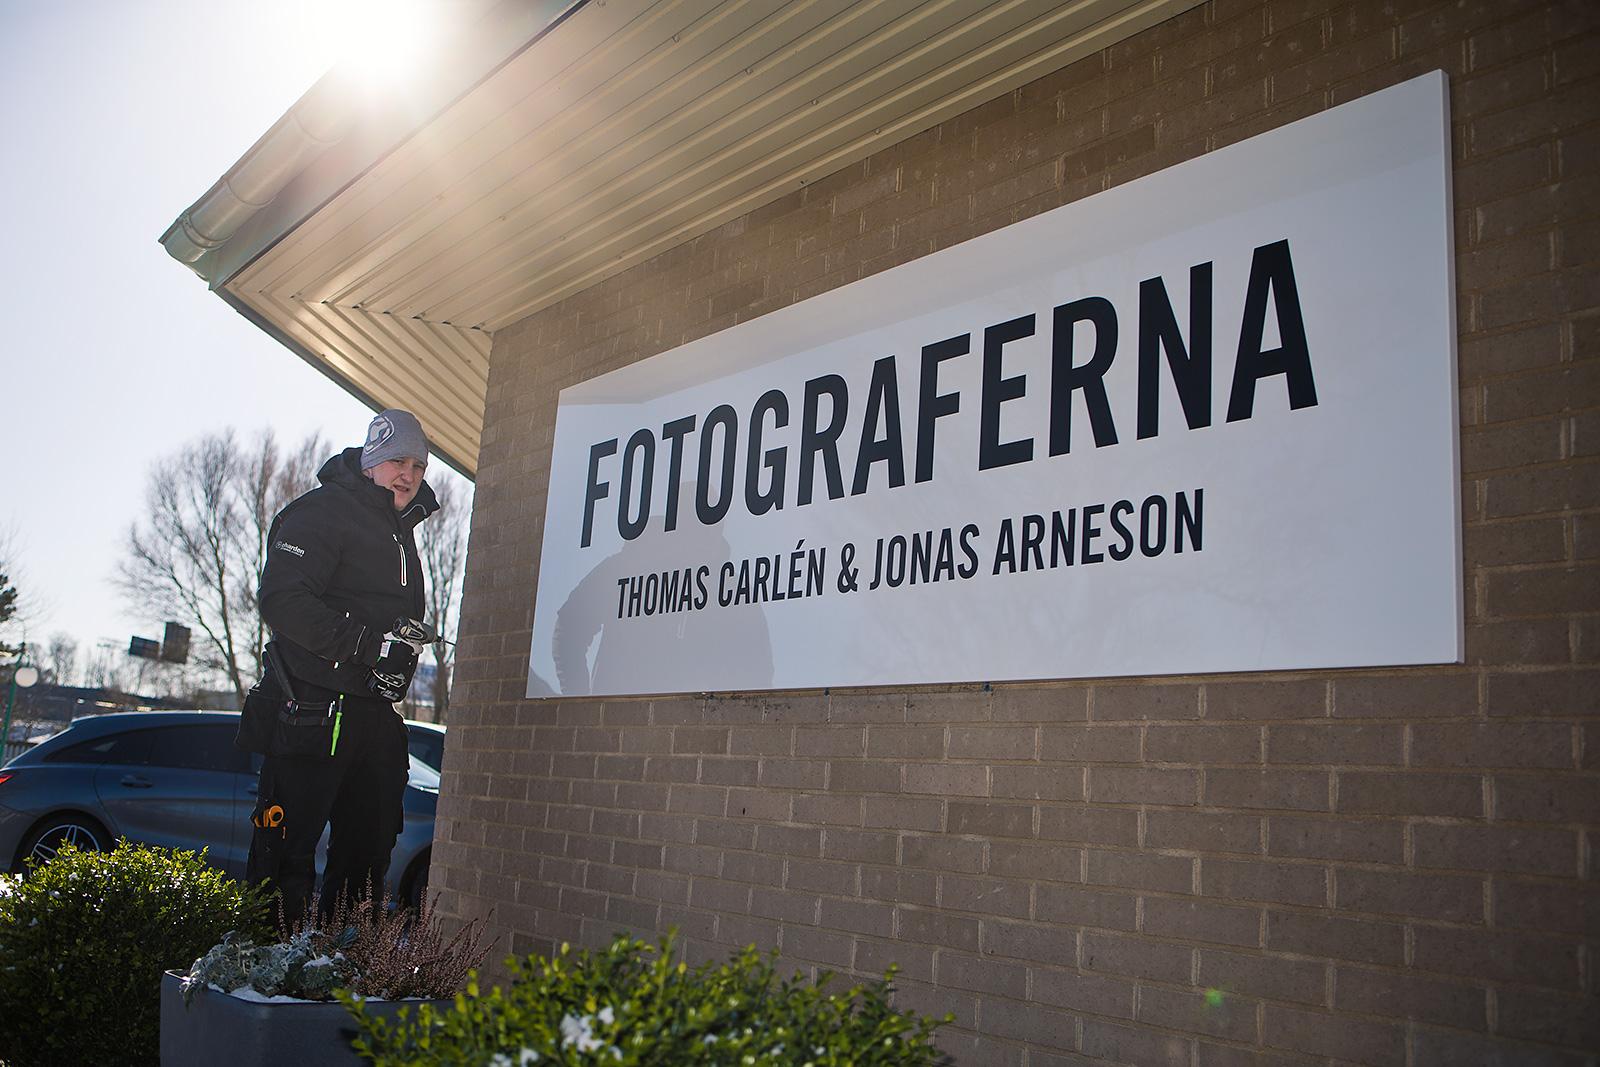 Fotograferna i Varberg, fasadskyltar